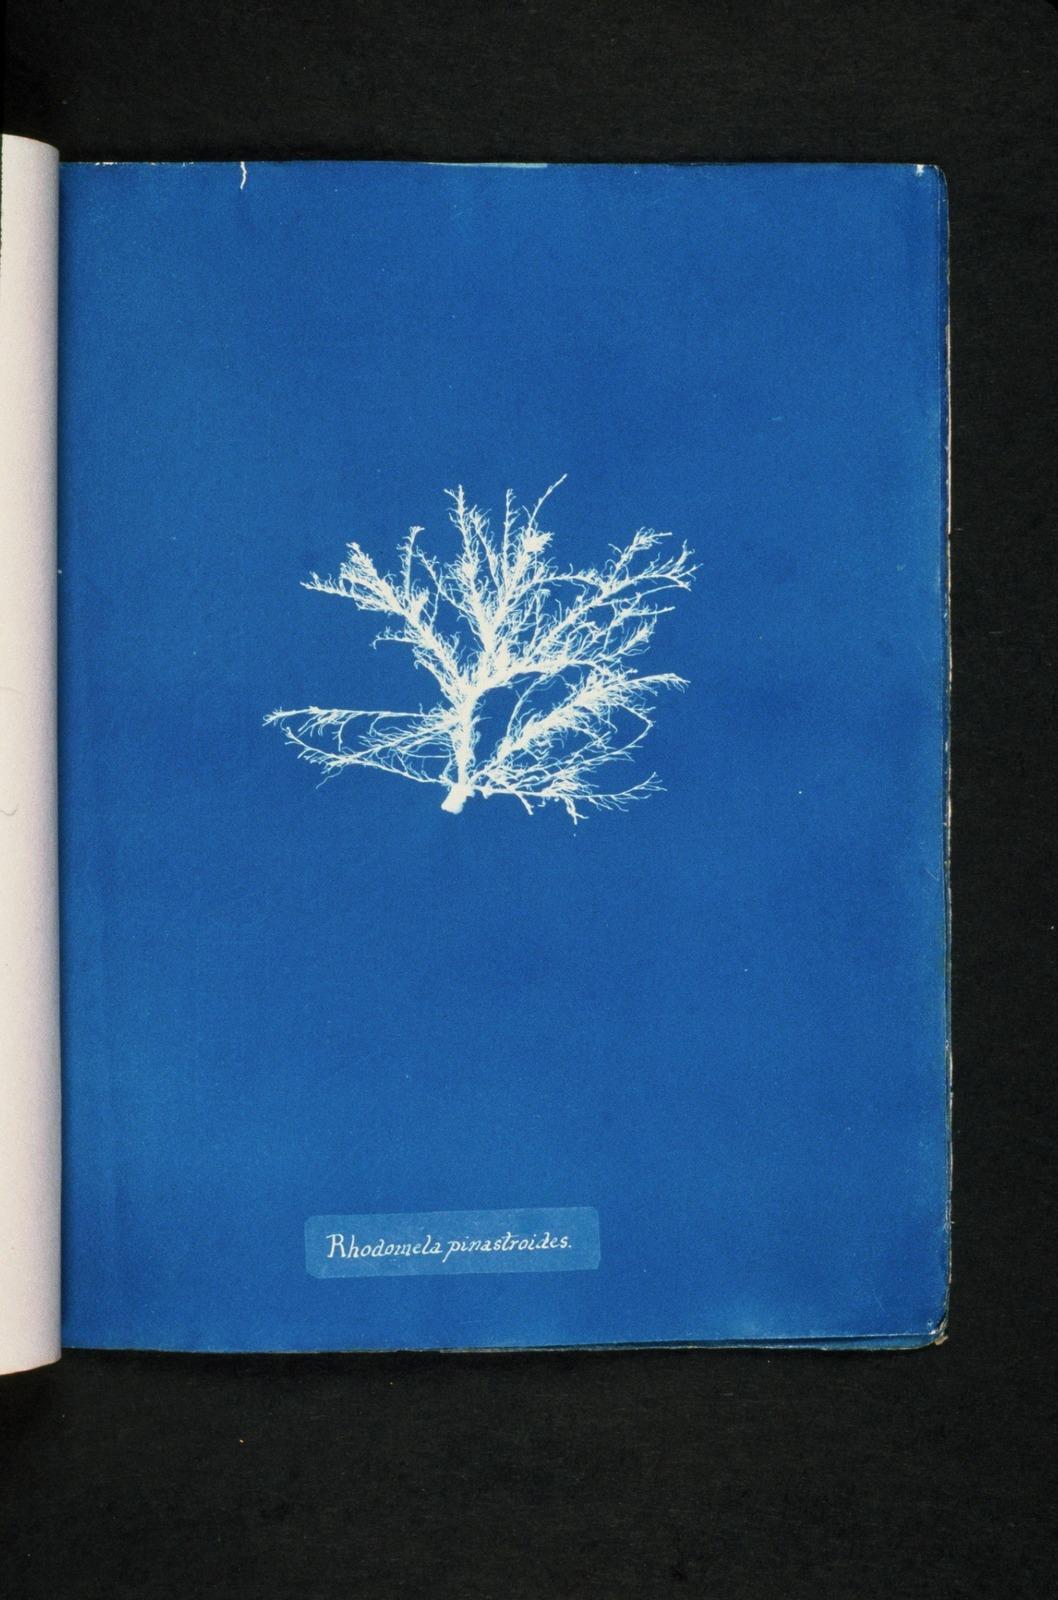 Rhodomela pinastroides.